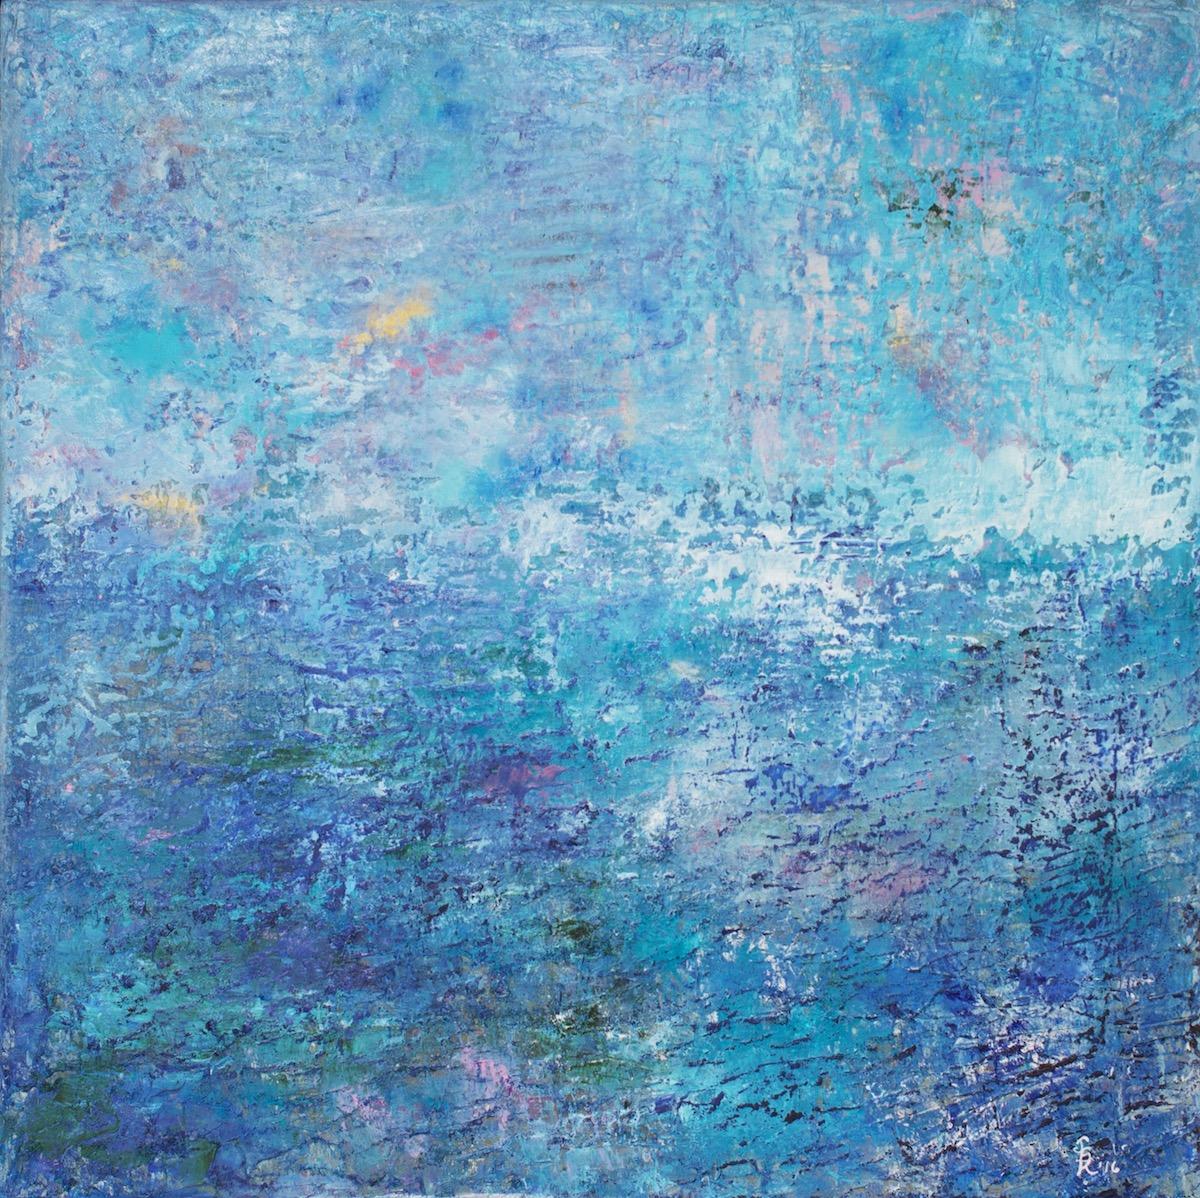 Jill, Krutick,  Beach Day, 2016 , Oil on canvas, 40 x 40 inches (101.6 x 101.6 cm). Framed: 42 x 42 inches (106.7 x 106.7 cm). Dreamscape Series.